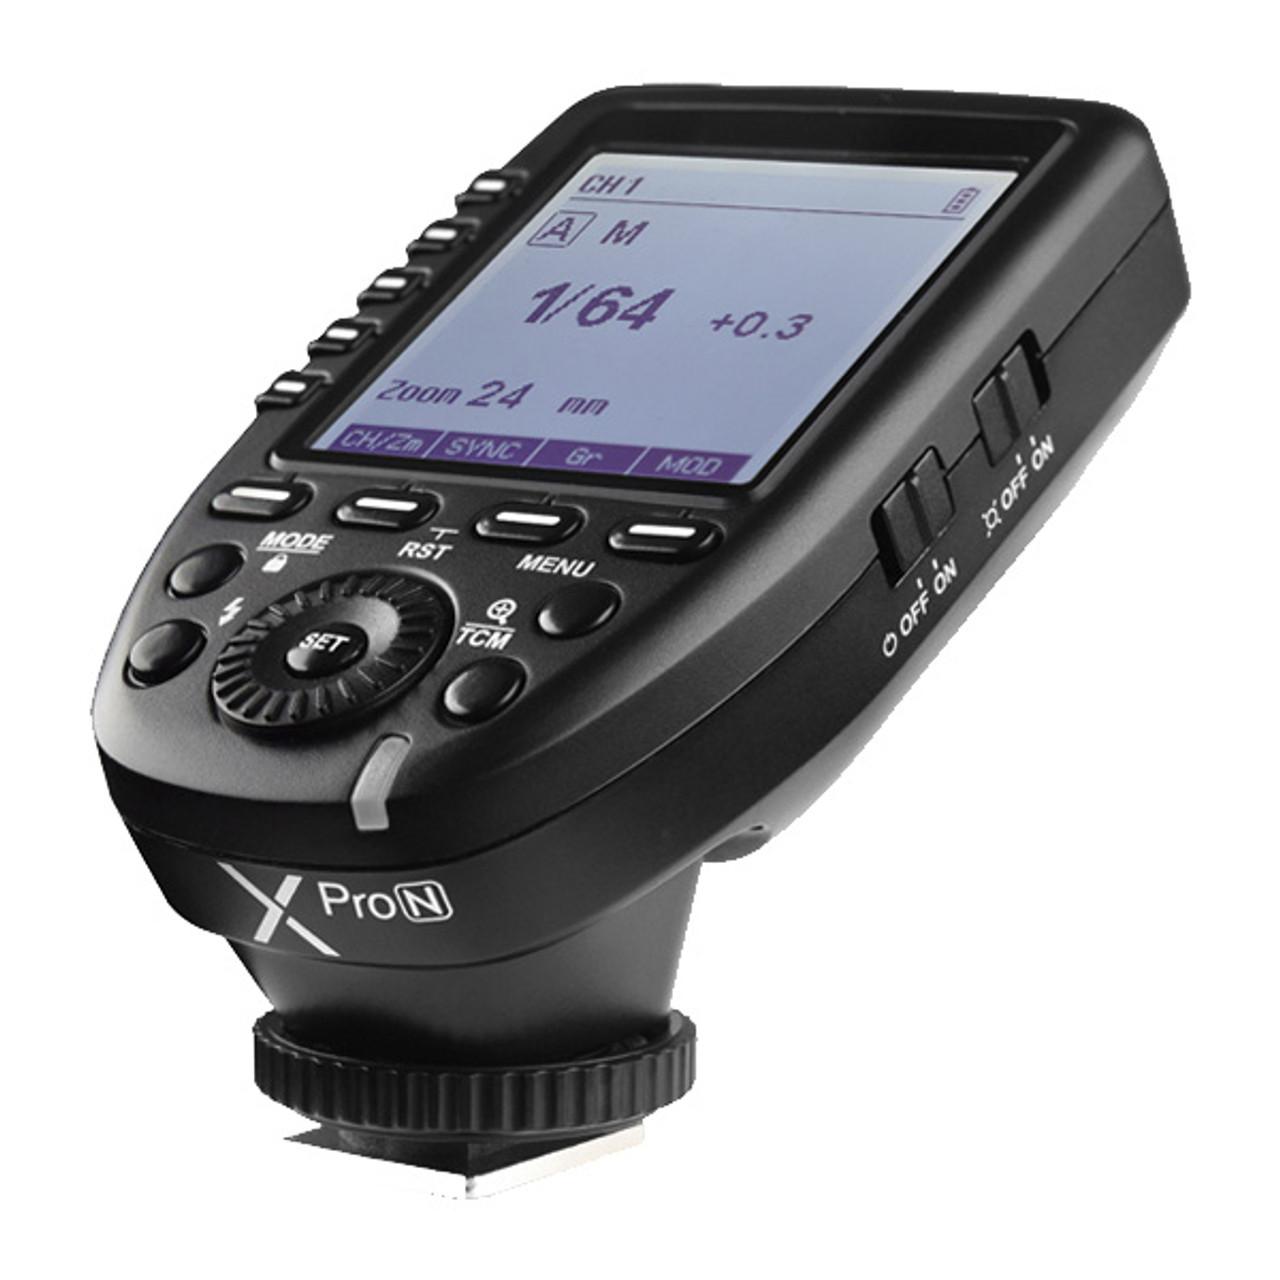 Godox Xpro 2.4G Transmitter for Nikon